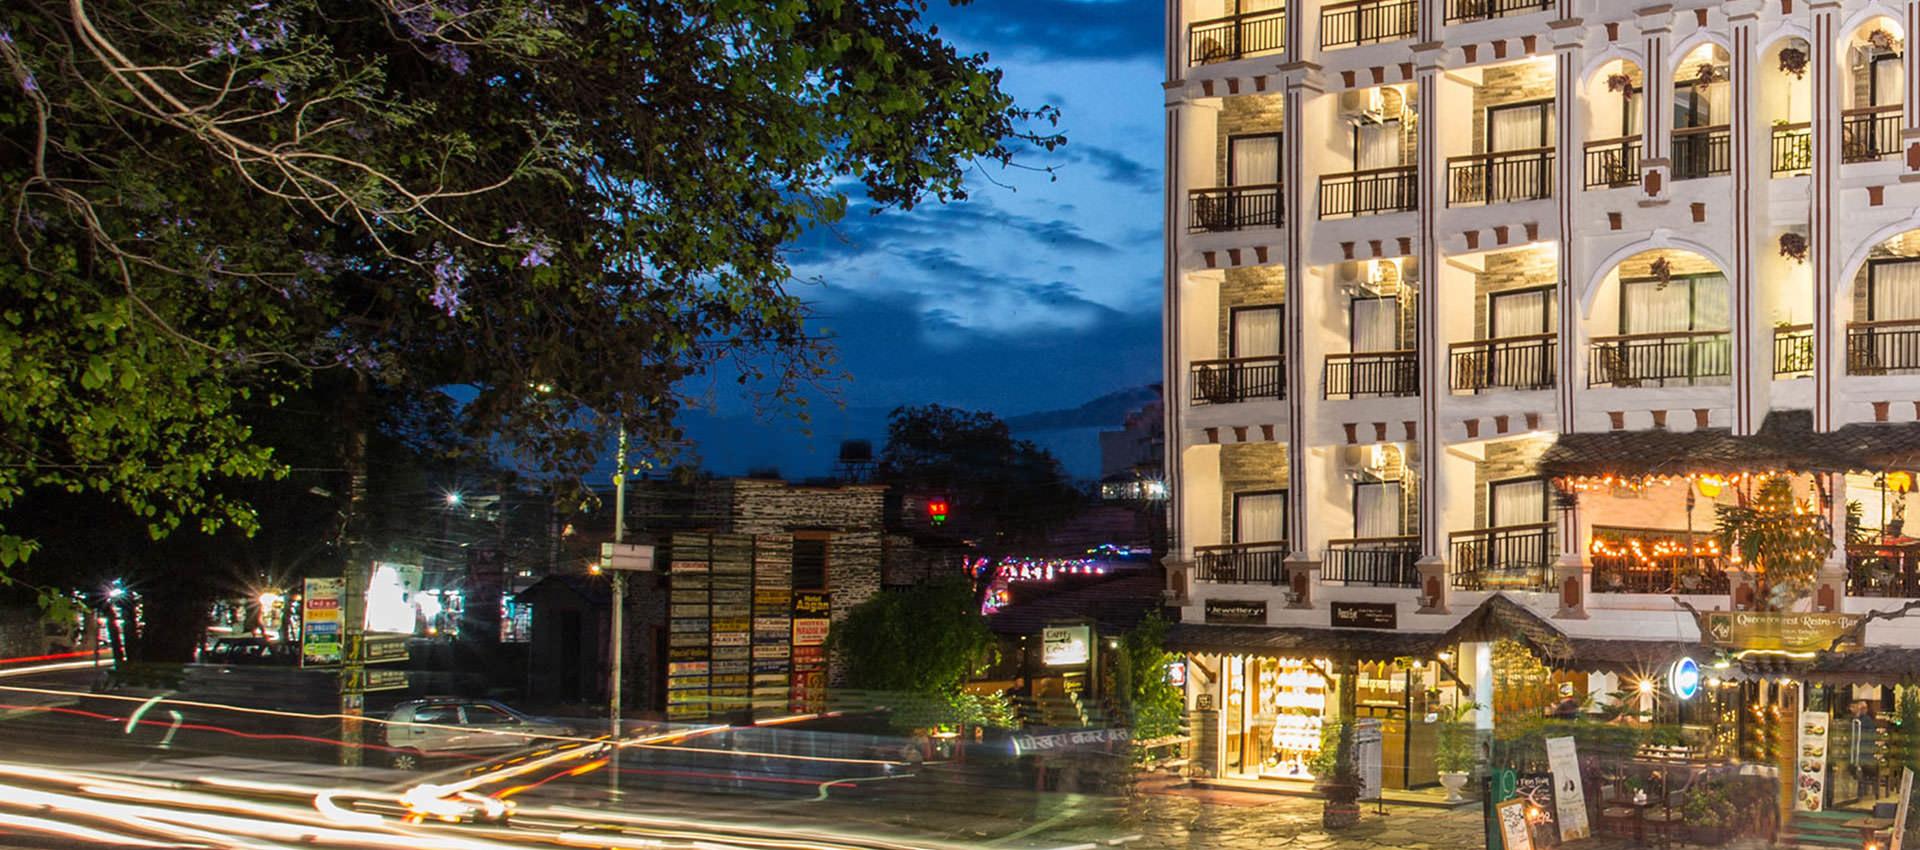 होटल रानीबन आर्केड पोखरामा नयाँ बर्ष २०७६ को उपलक्ष्यमा पर्यटकहरुलाइ बिसेष छुट